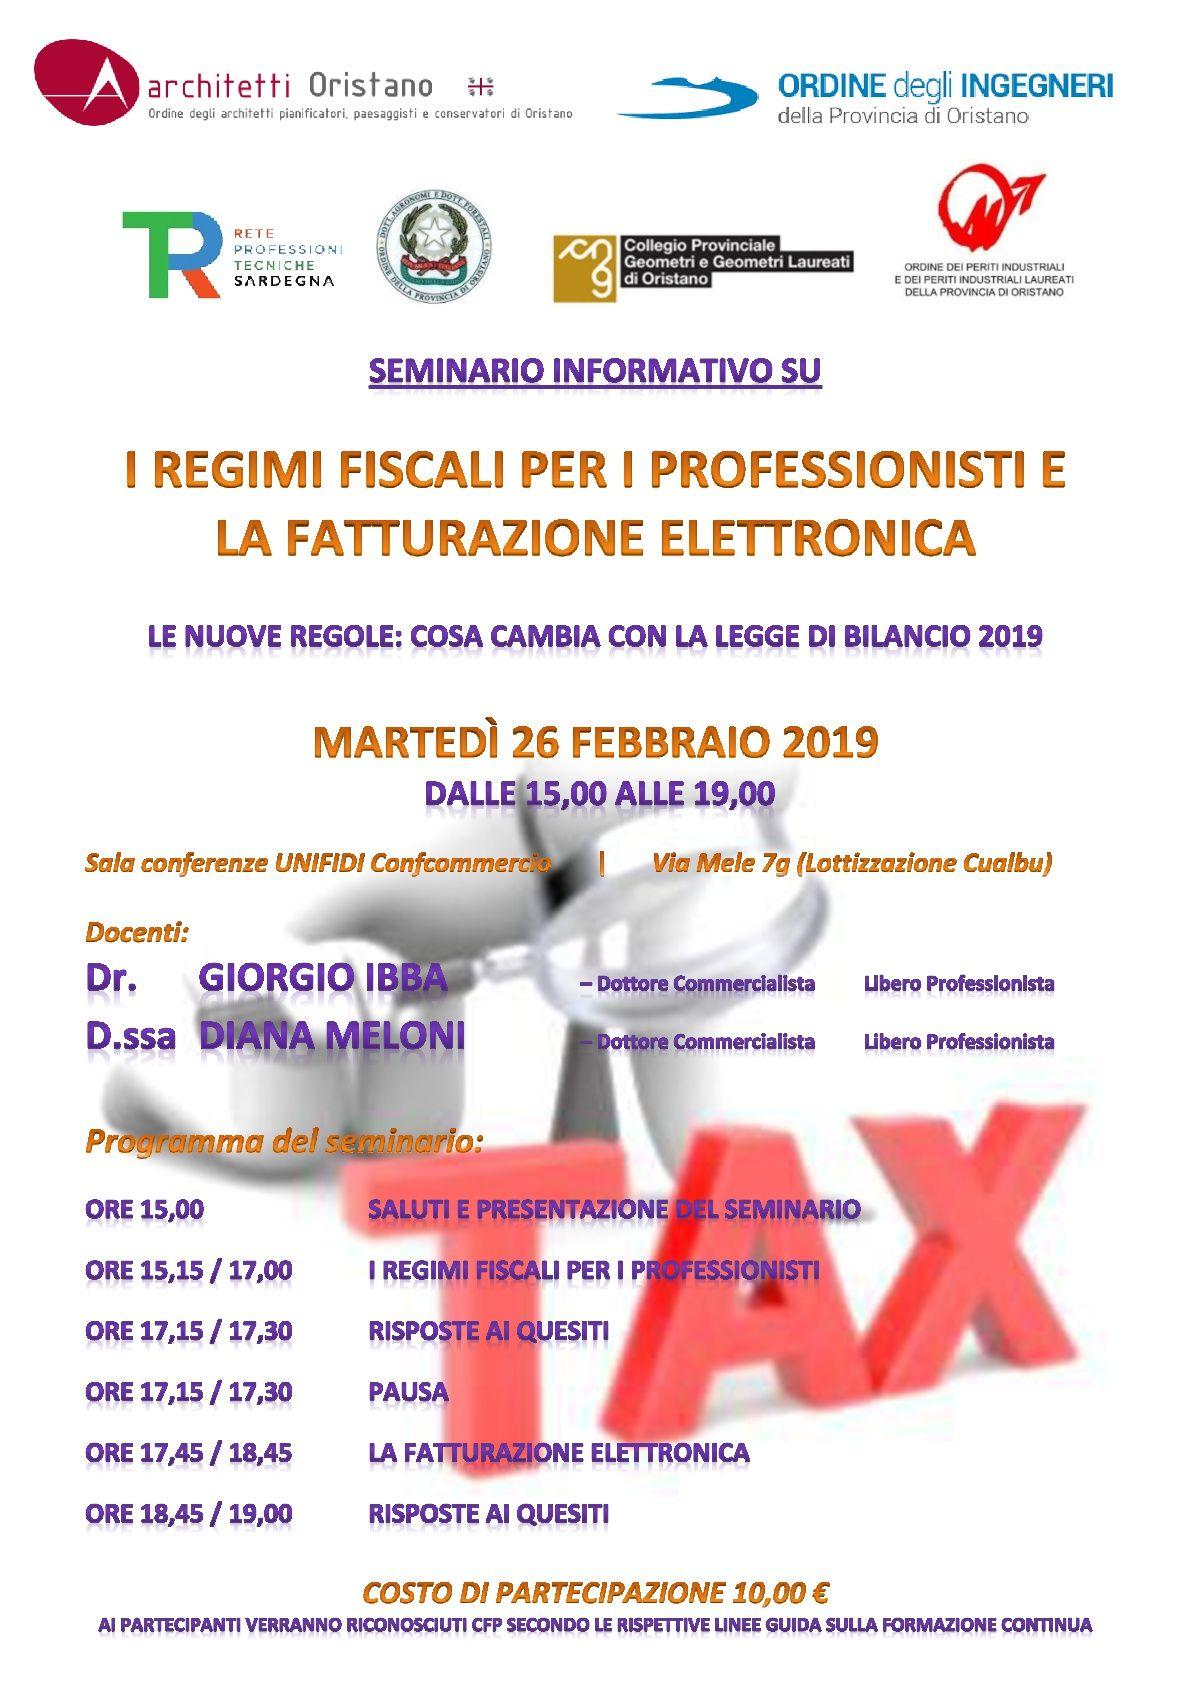 Oristano: seminario Regimi fiscali e la fatturazione elettronica 26/02/19